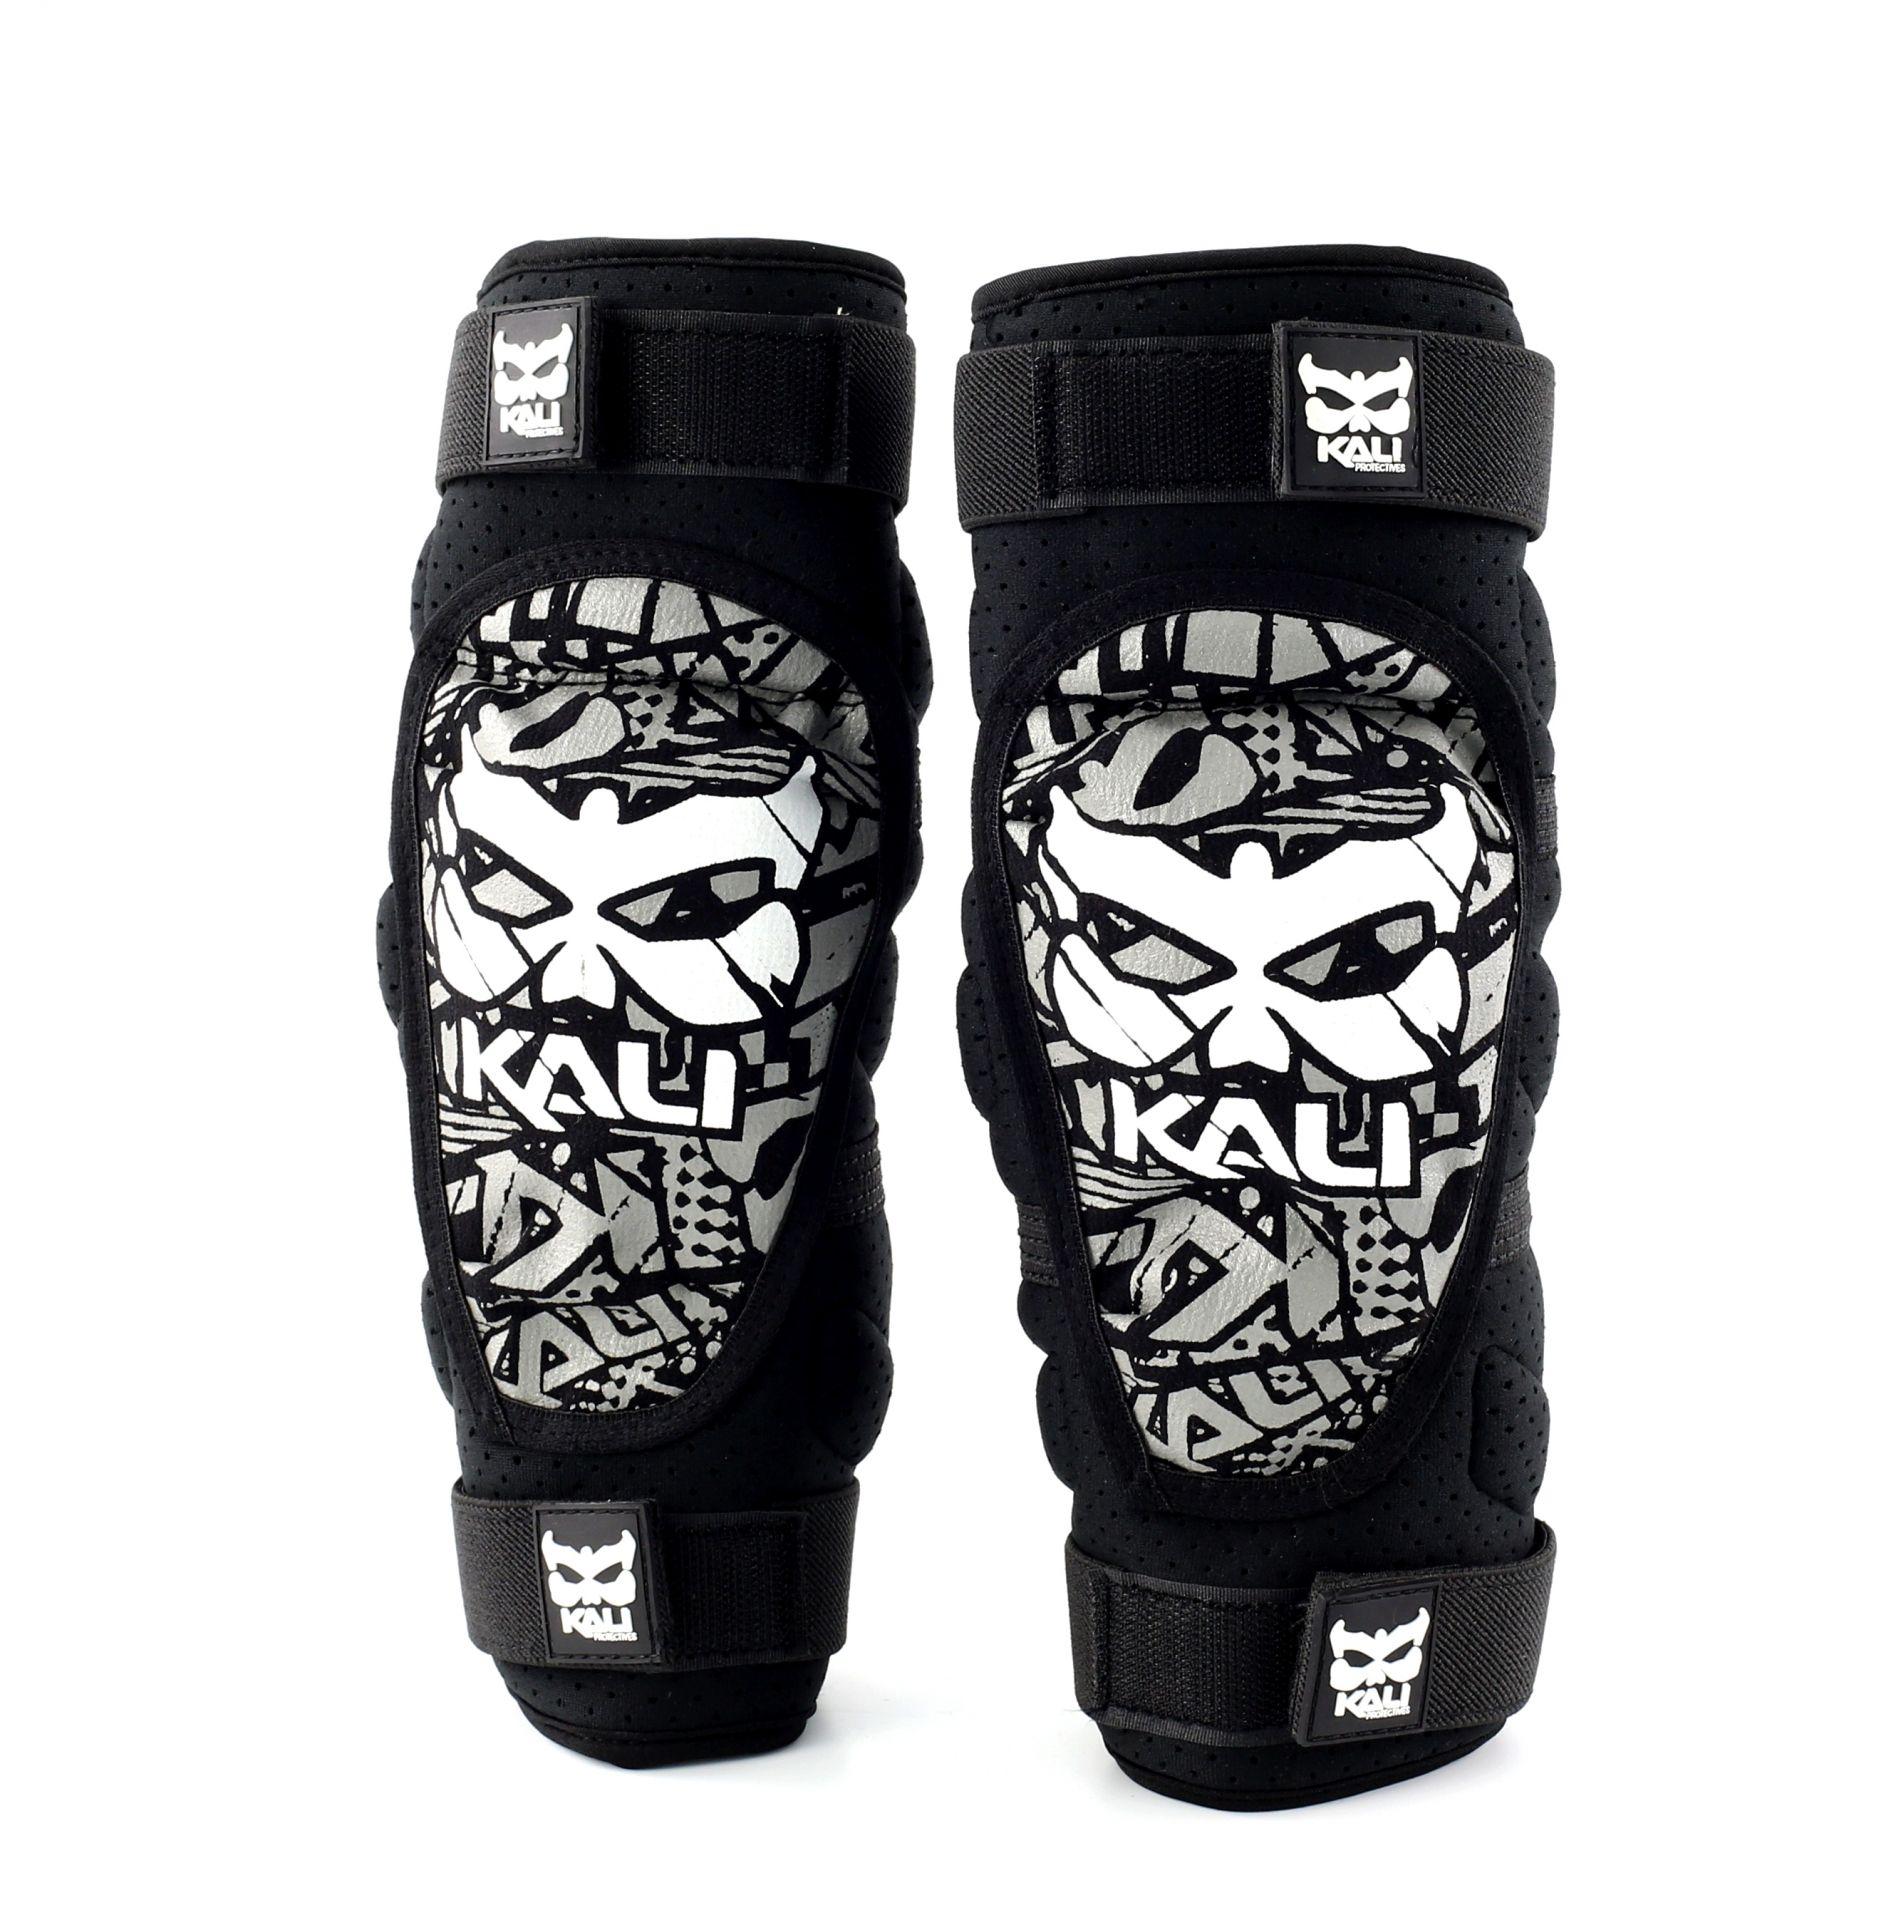 Coudières Kali Protectives Veda Noires - XL